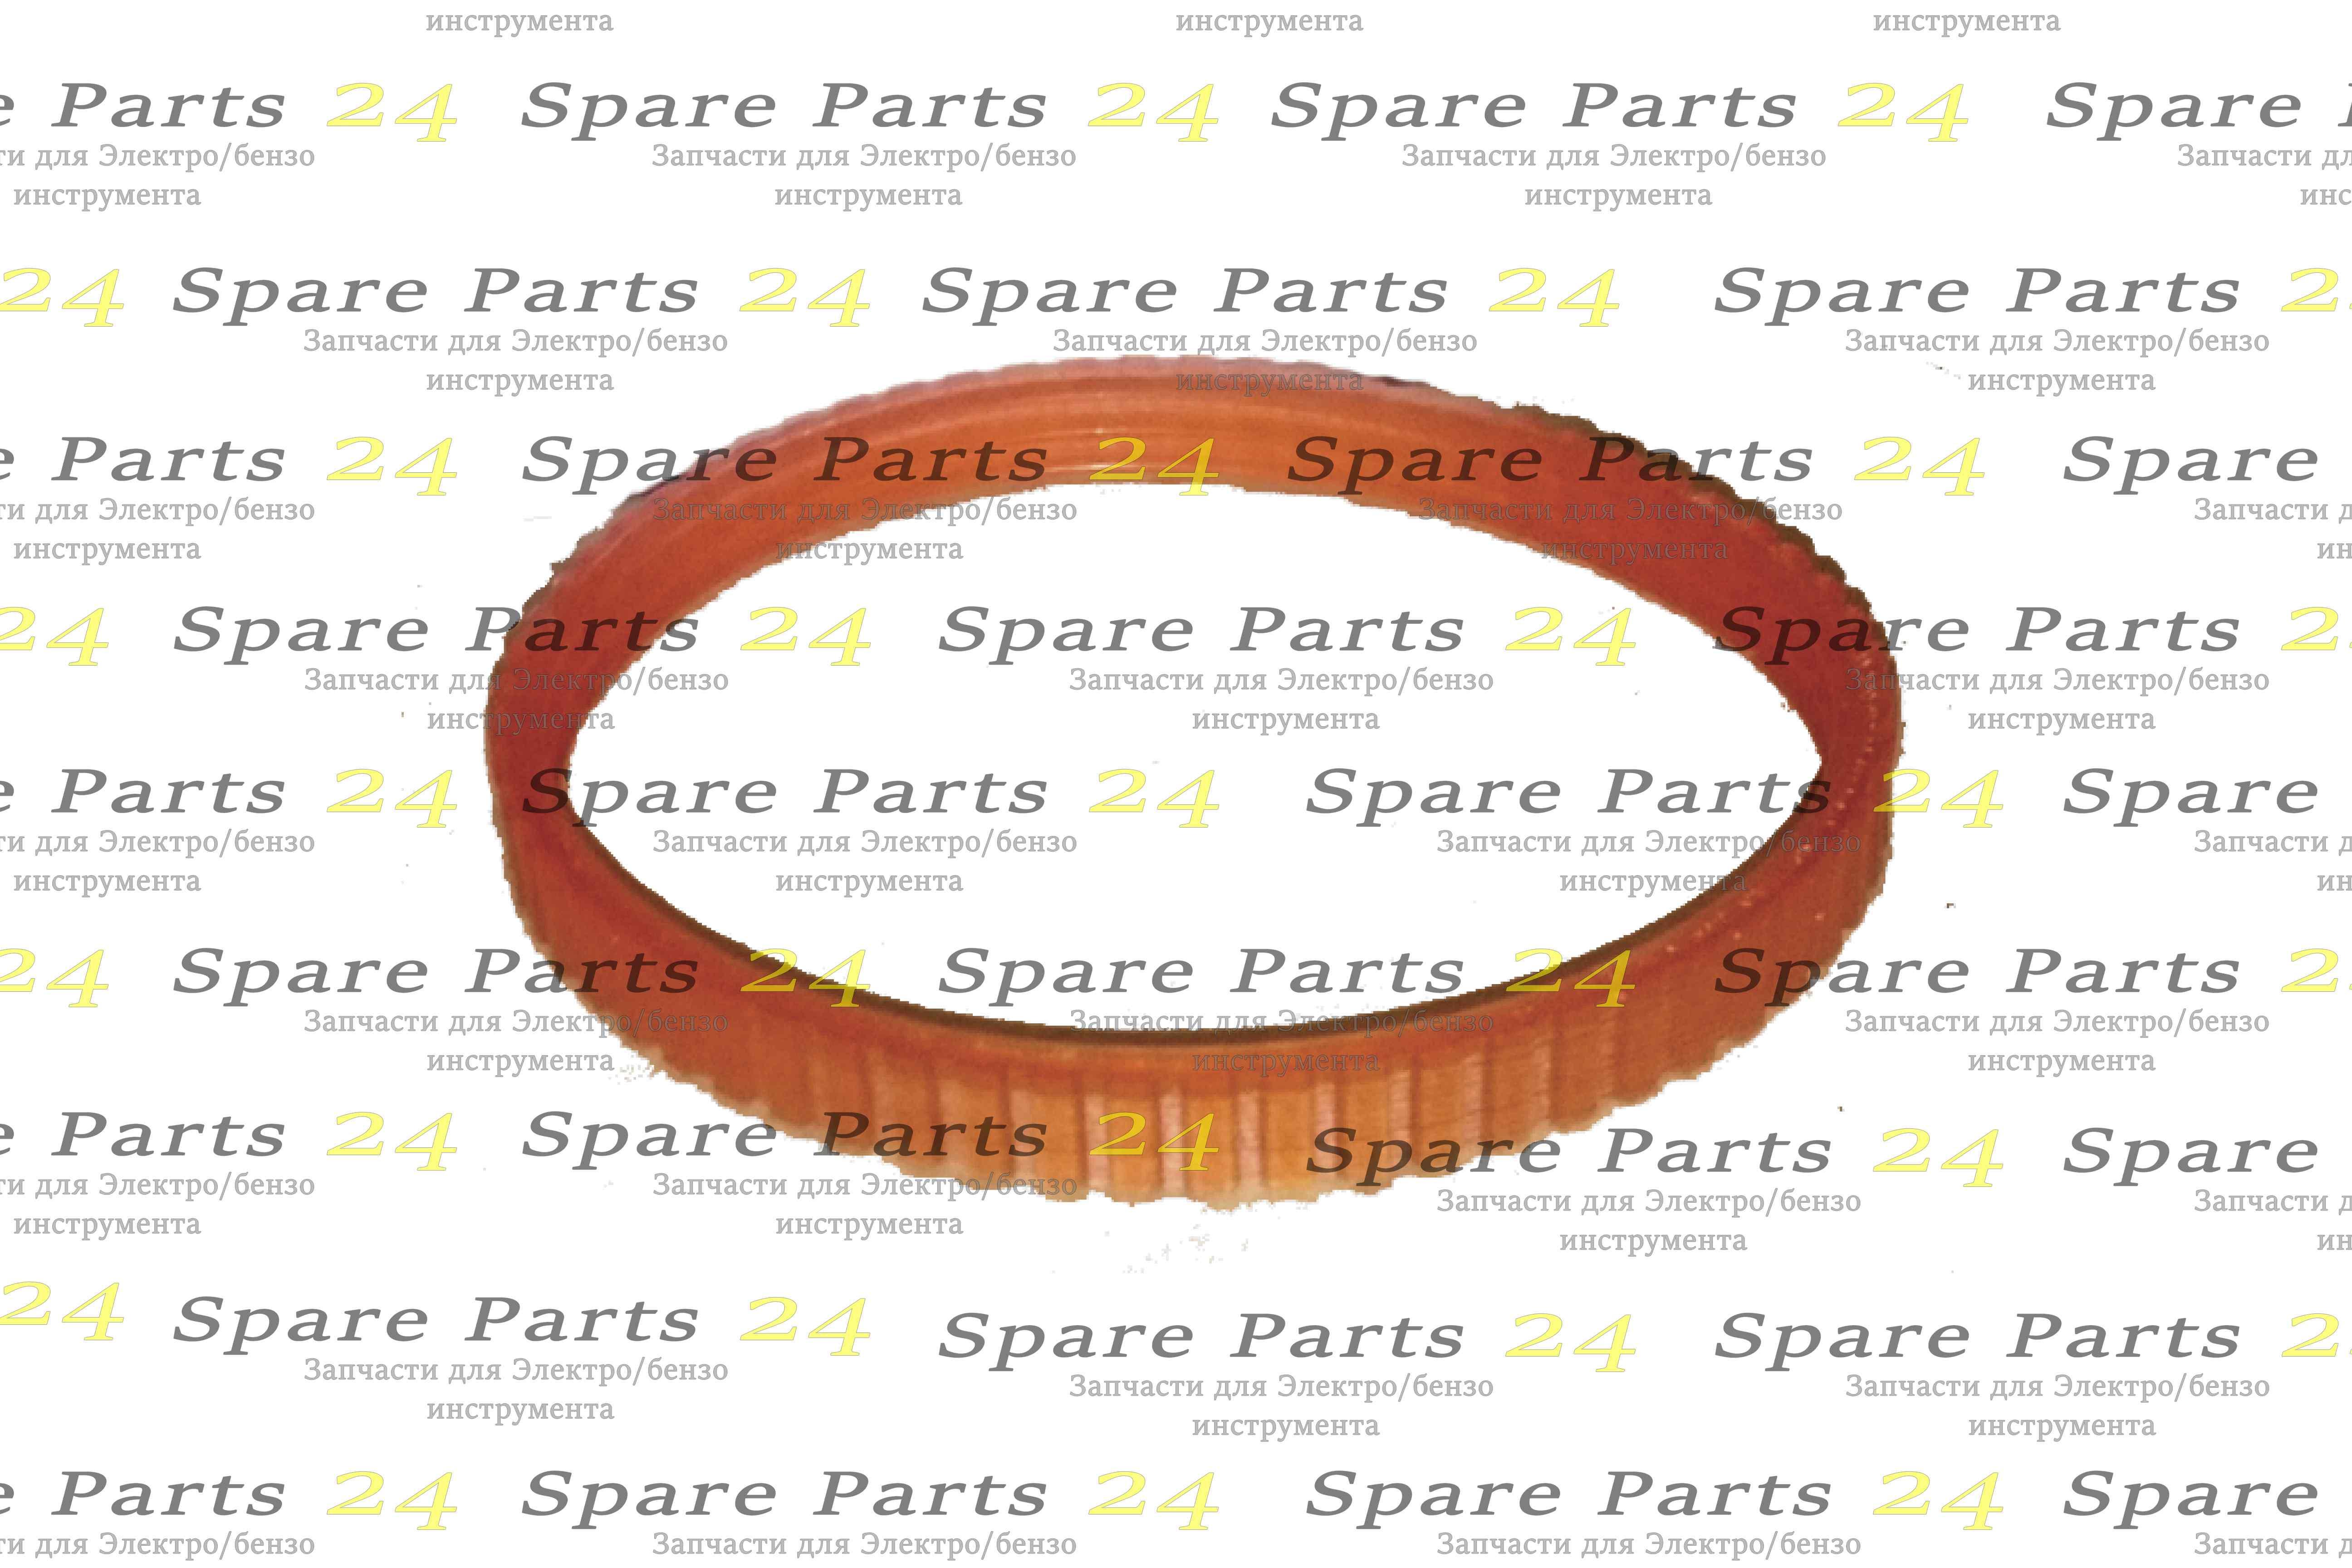 Ремни полиуретан / Ремень3 PJ 245(C) (шир. -7мм) полиуретан для рубанок Skil 1055/1560,MAKI